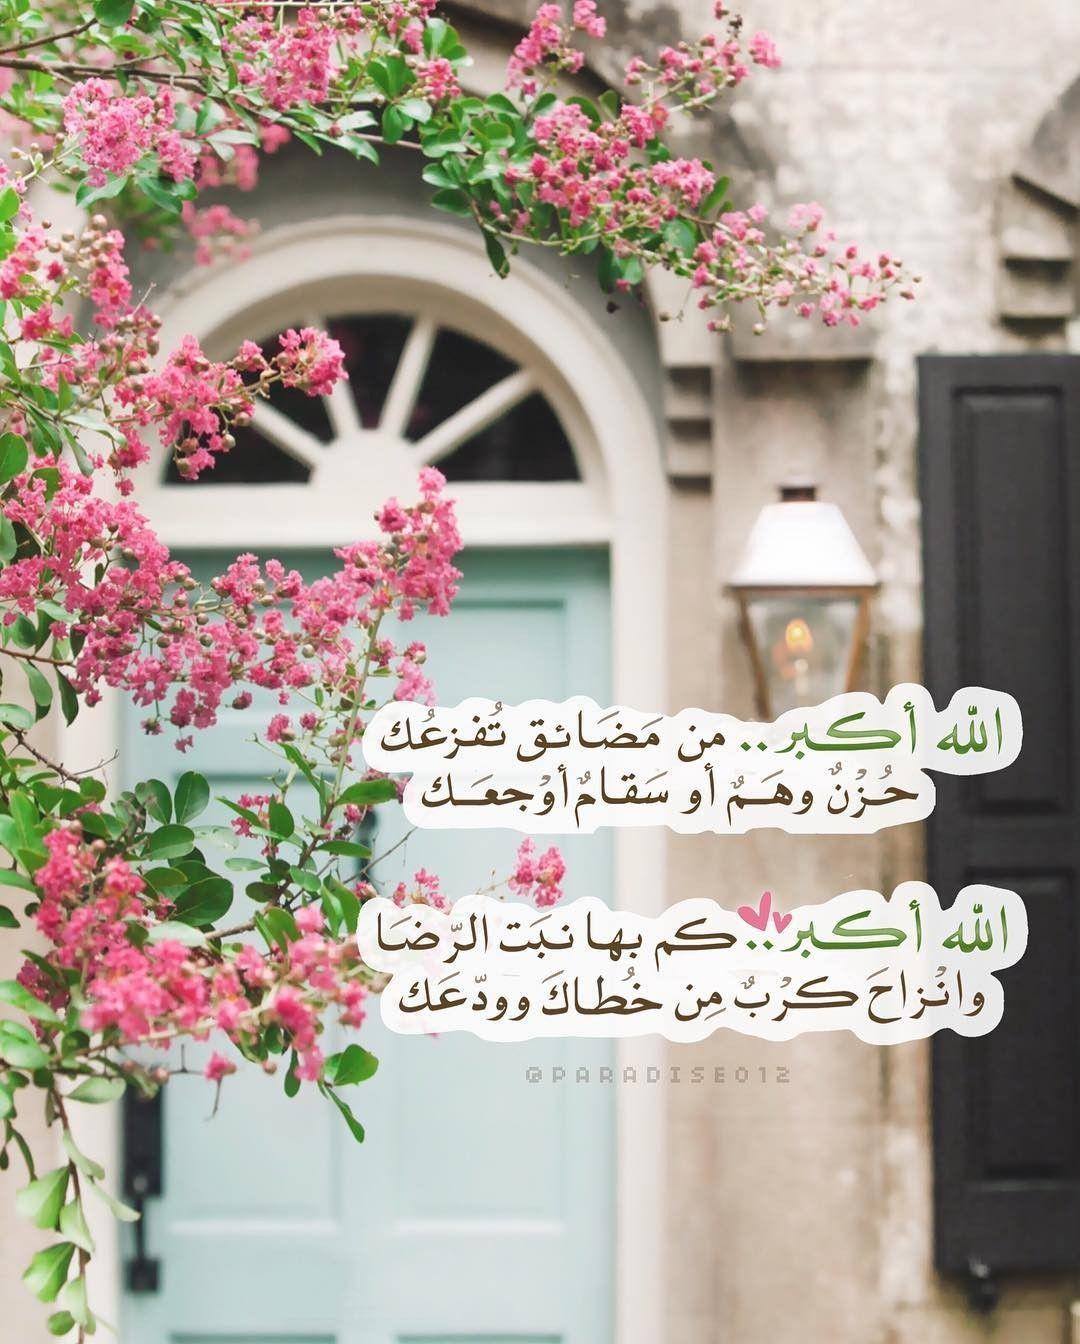 اللهم انك عفو تحب العفو فاعف عنا الهم ارحم المسلمين والمسلمات الاحياء منهم والاموات Arabic Quotes Life Quotes Islam